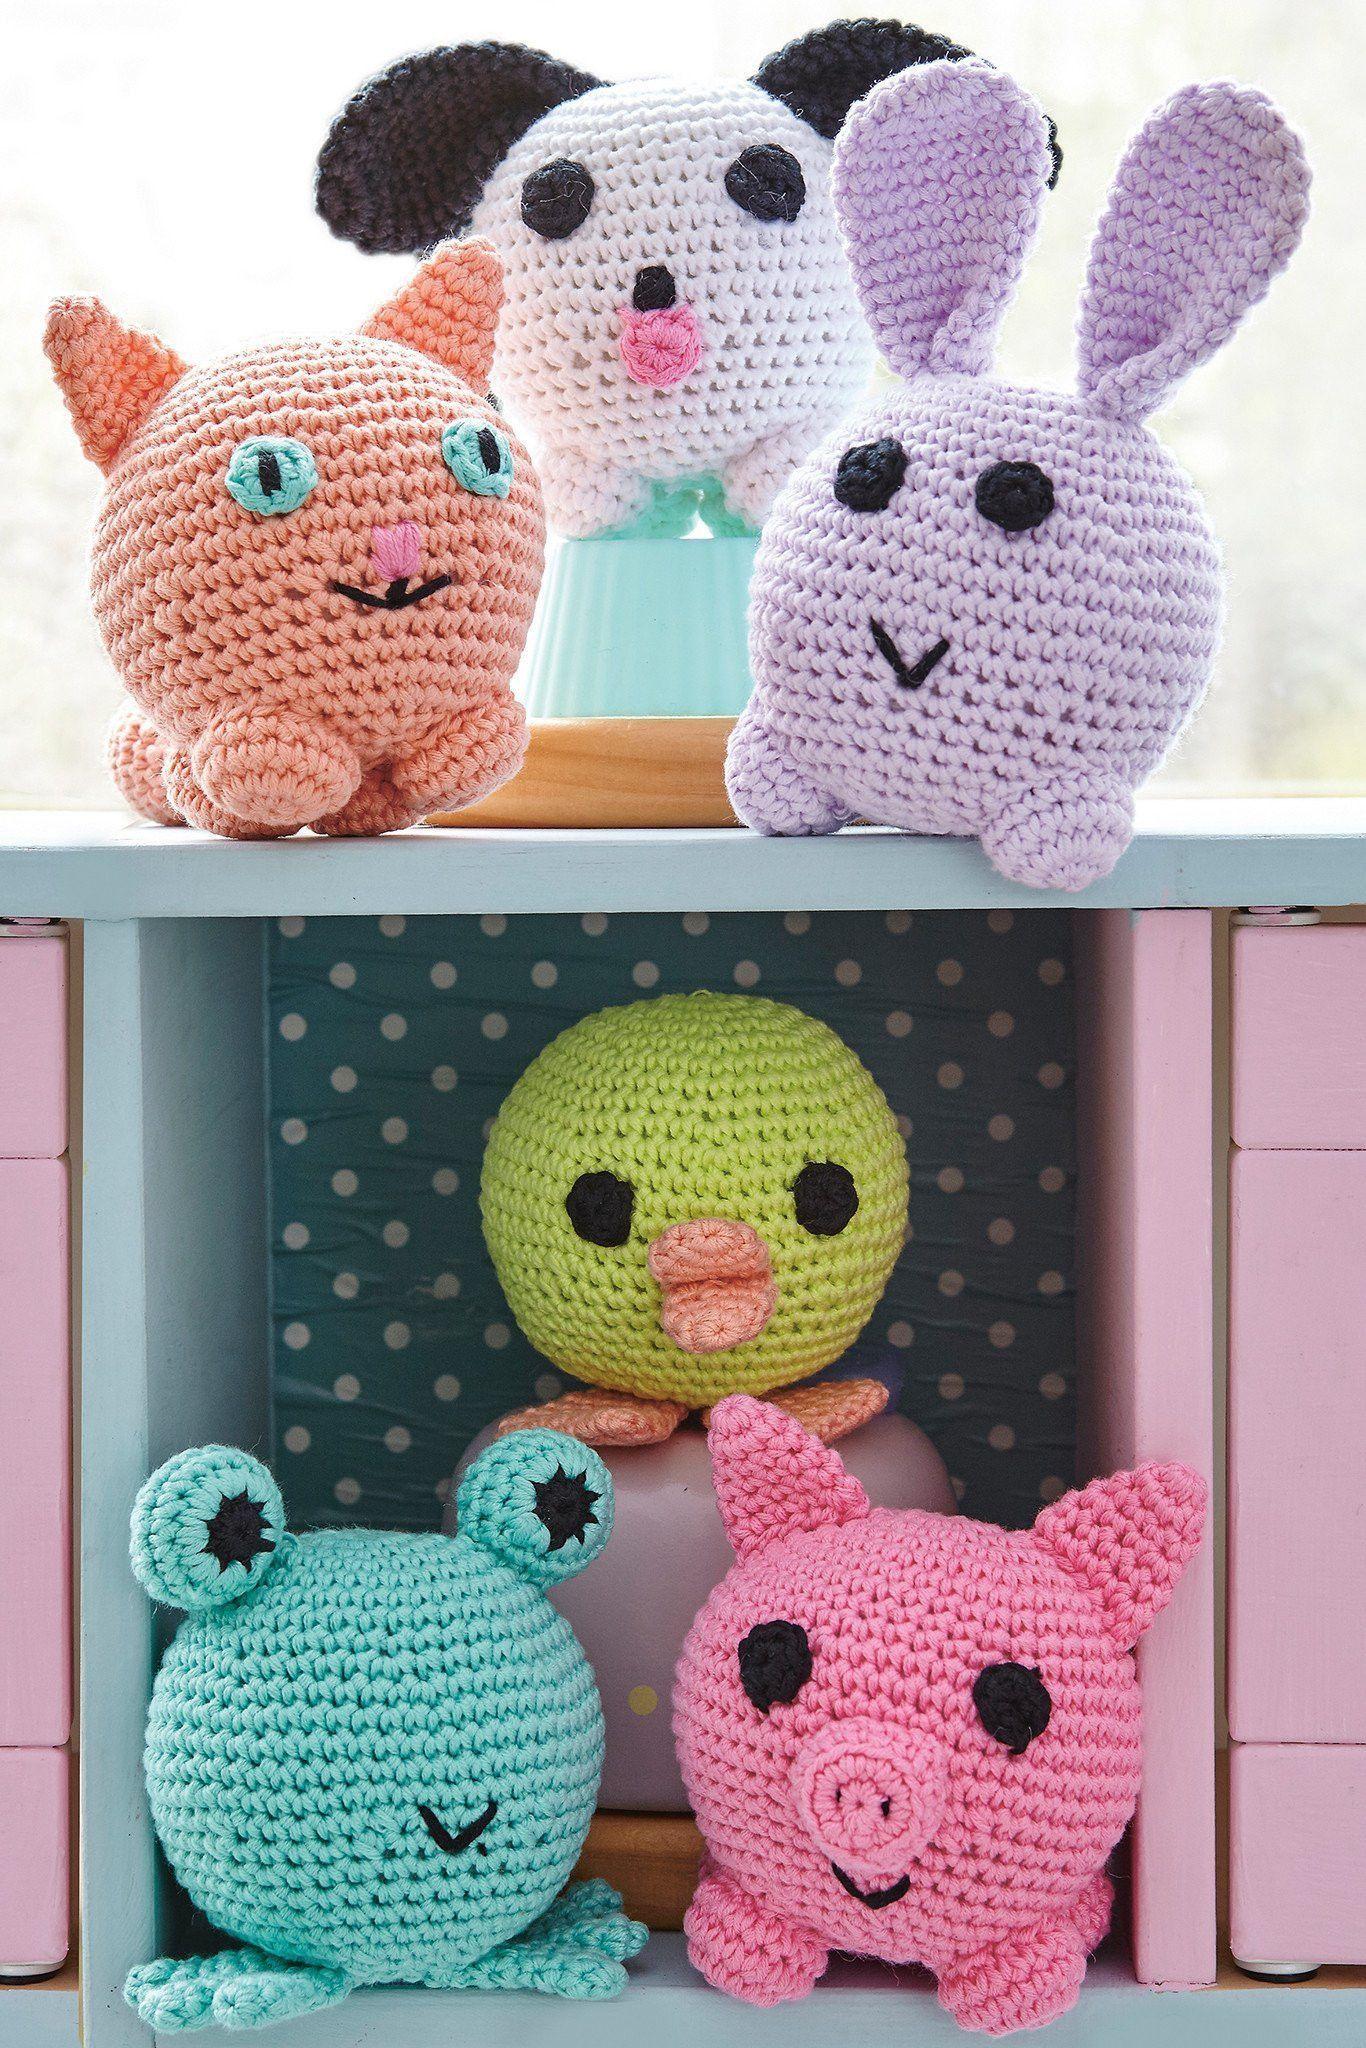 Amazon.com: Amigurumi Knits: Patterns for 20 Cute Mini Knits eBook ... | 2048x1366